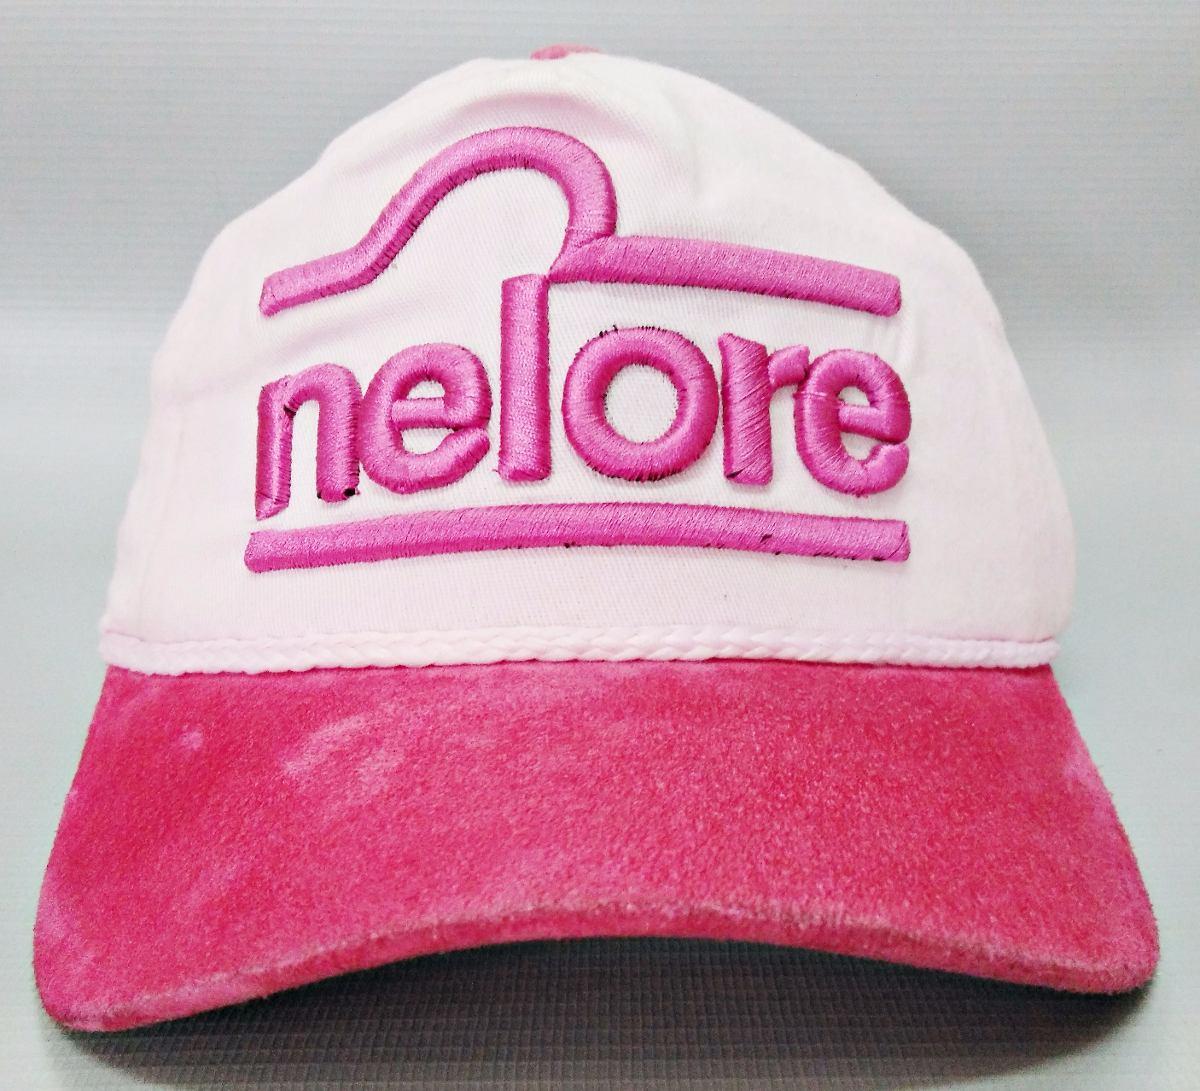 boné nelore rosa claro aba de couro original bonnet. Carregando zoom. 0db890bd06d